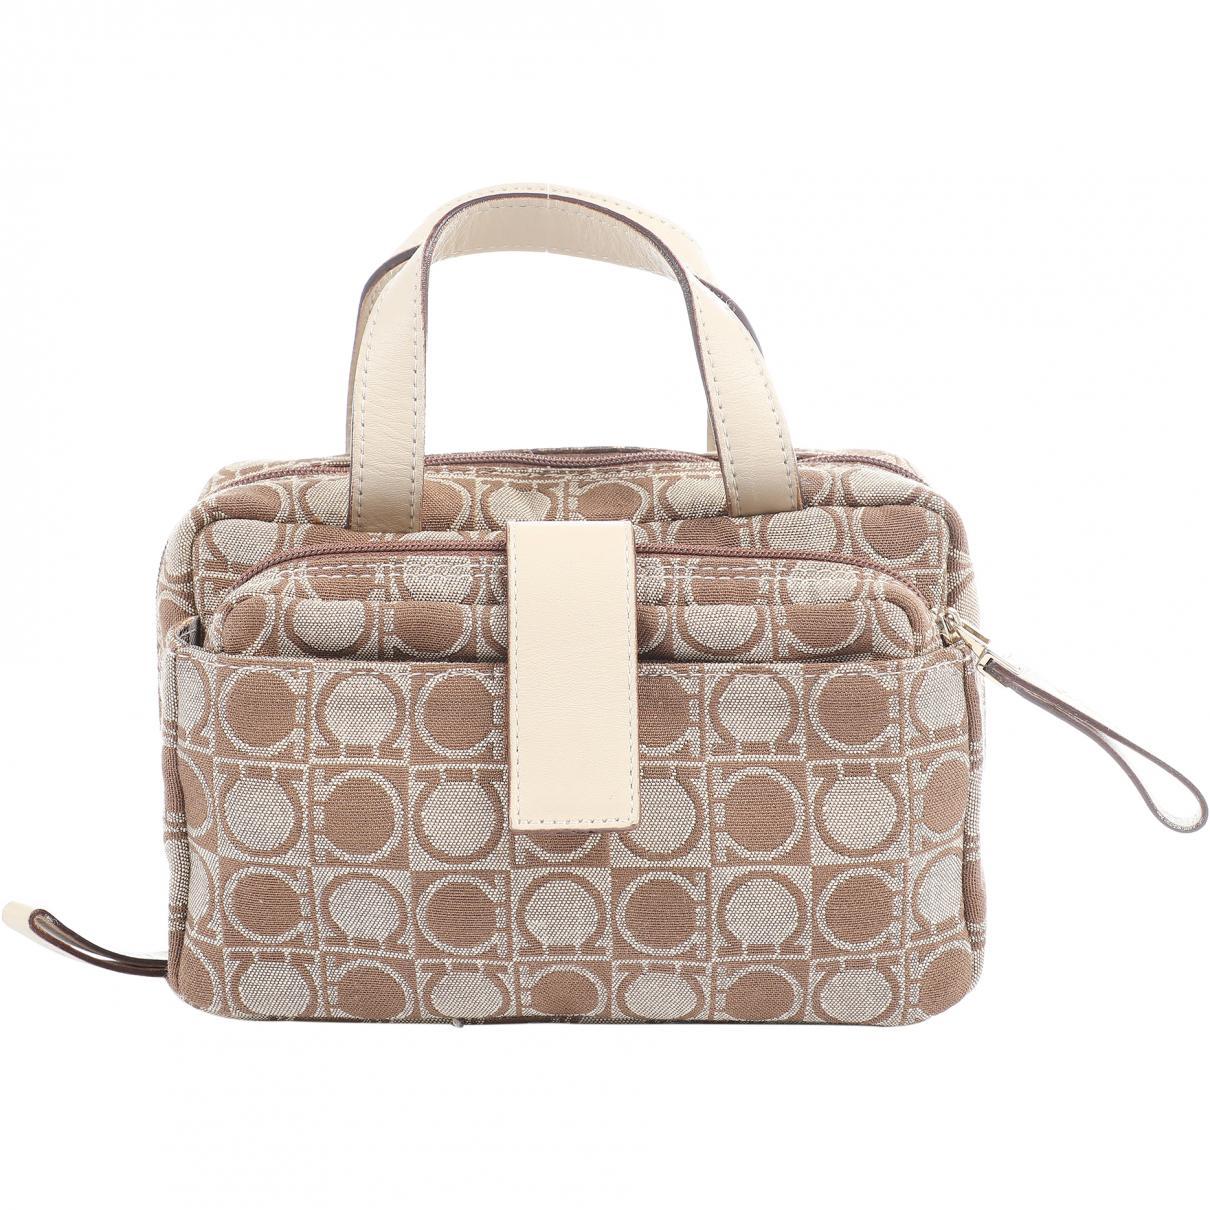 f7a36e328 Ferragamo. Women's Natural Cloth Clutch Bag. $127 From Vestiaire Collective  ...